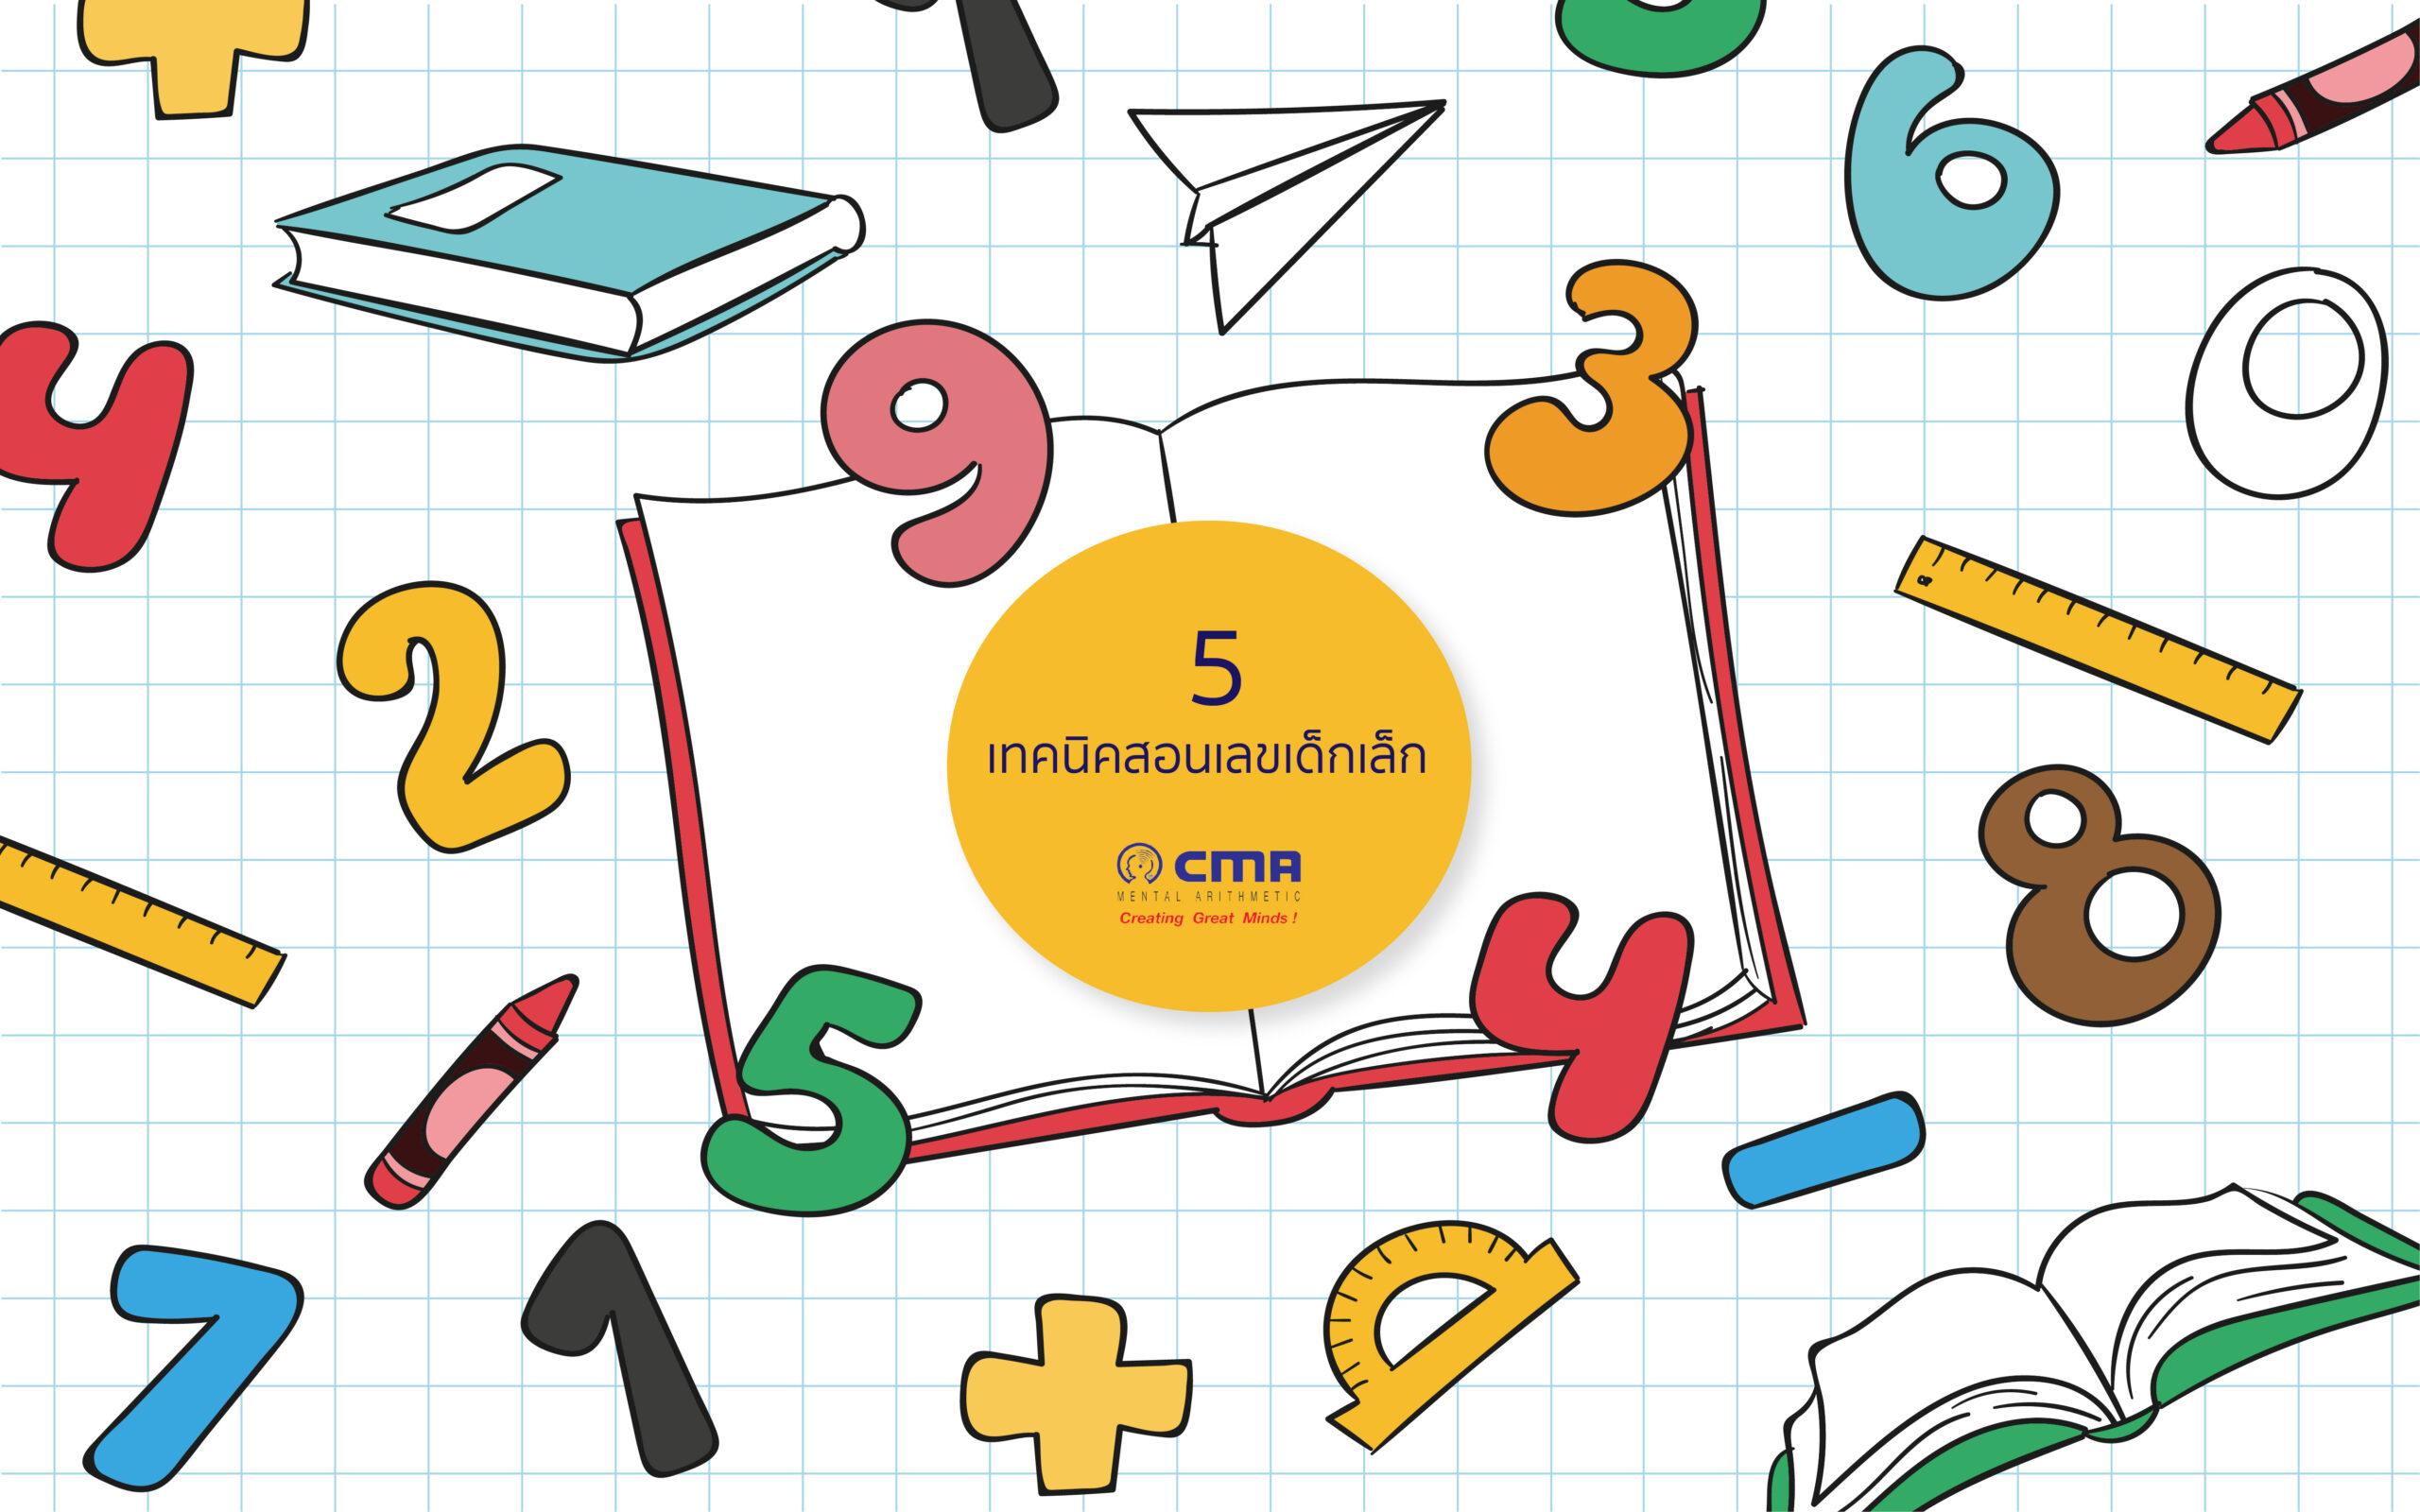 5 เทคนิค สอนเลข เด็กเล็ก